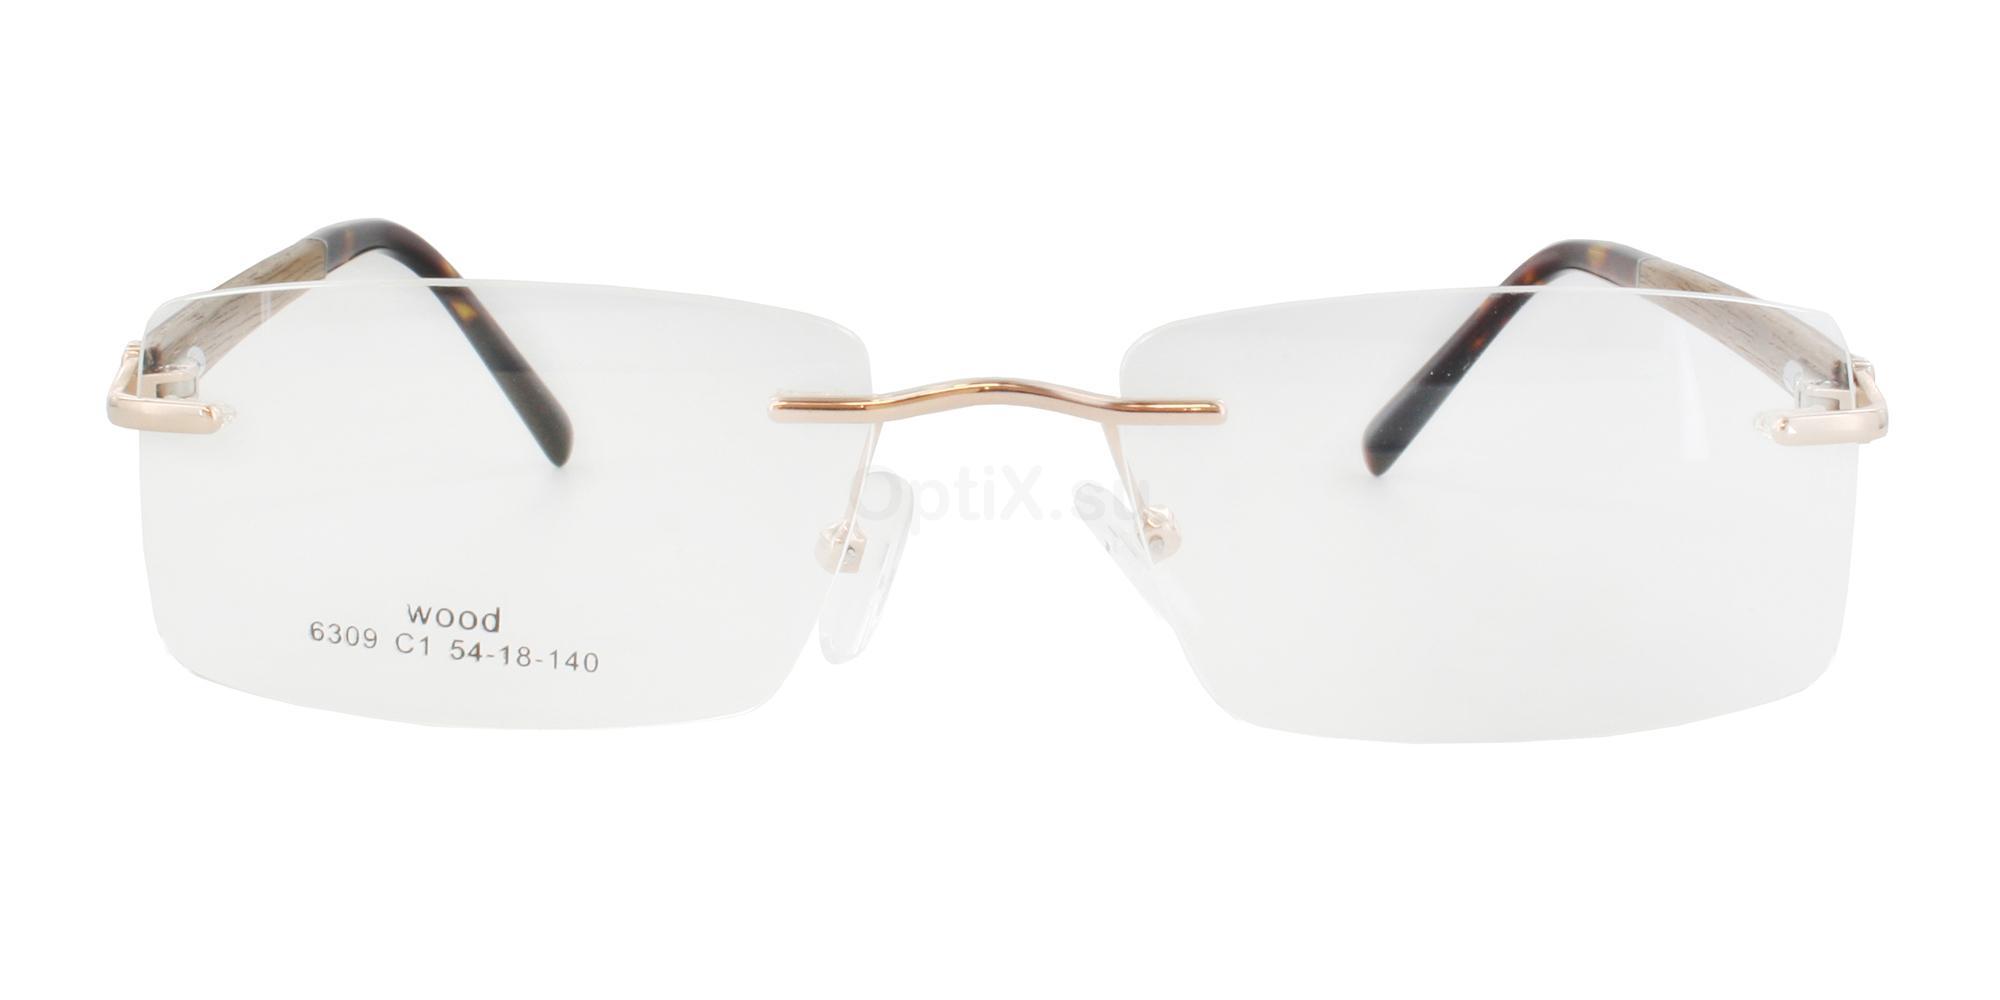 C1 6309 Glasses, Infinity